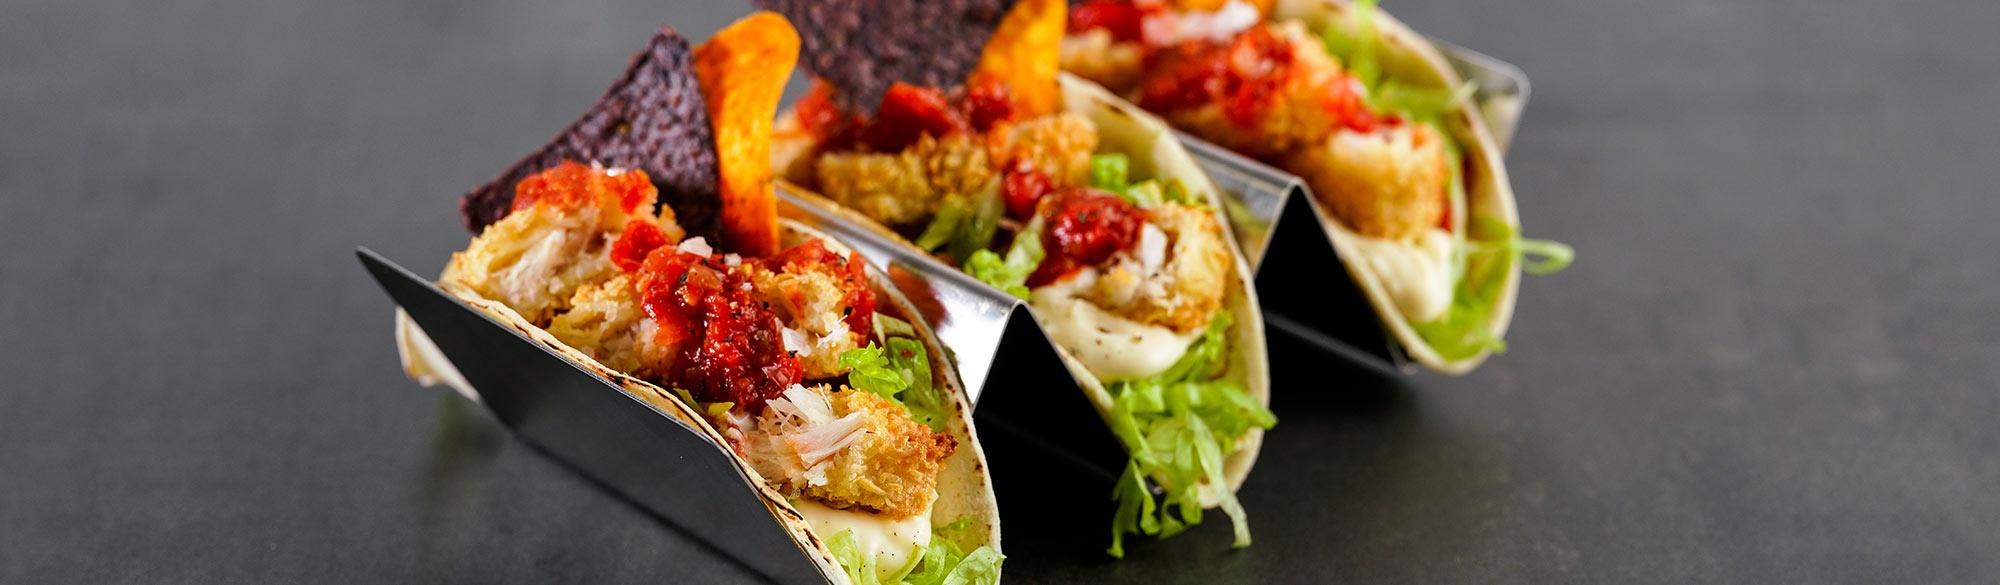 Tre fisktacos i serveringsställ. Delade fiskpinnar, sallad, salsa och nachos.